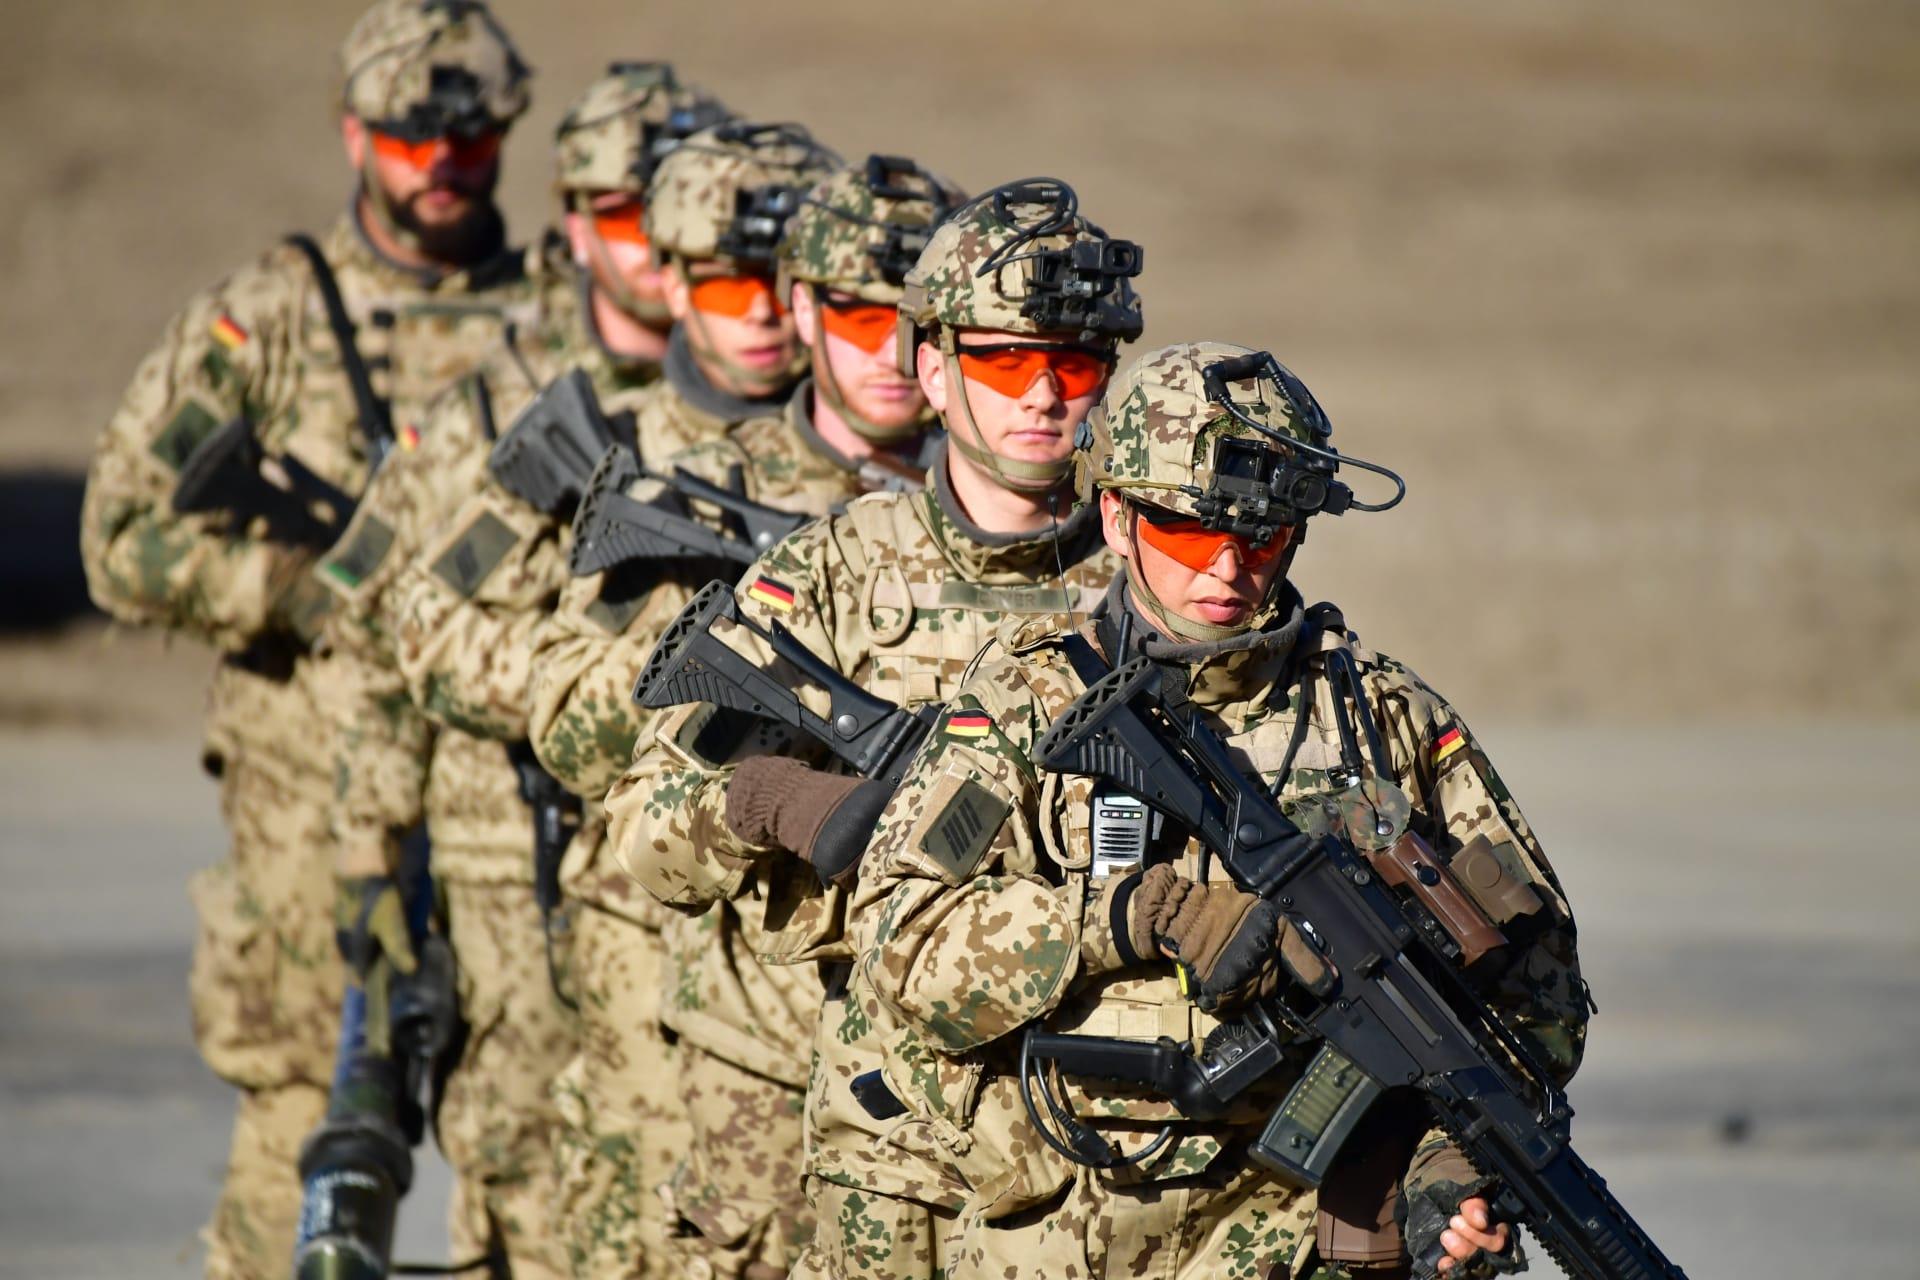 ألمانيا تسحب بعض قواتها من العراق مؤقتًا بسبب التوترات